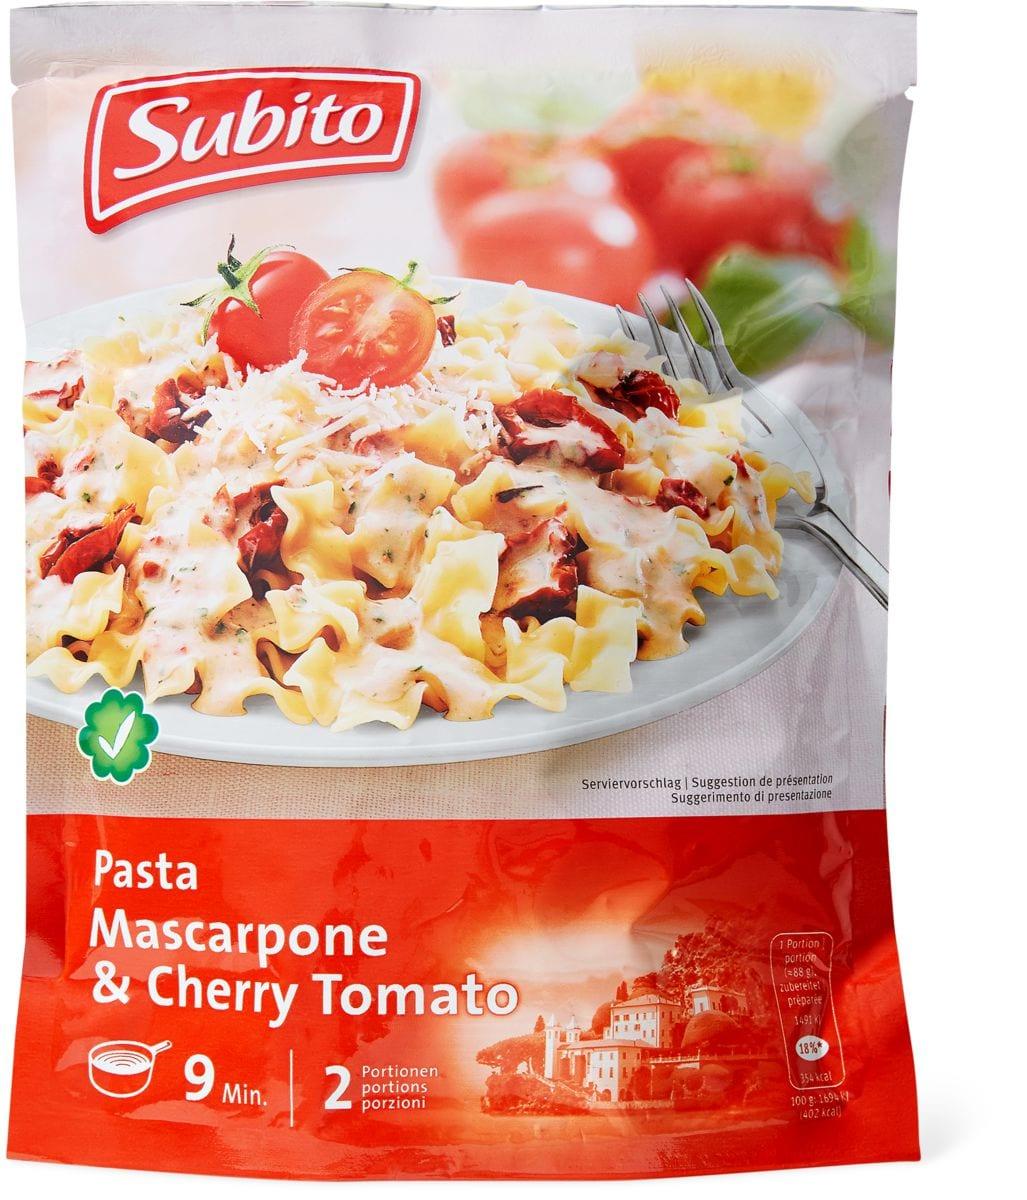 Subito pasta mascarpone & cherry tomato